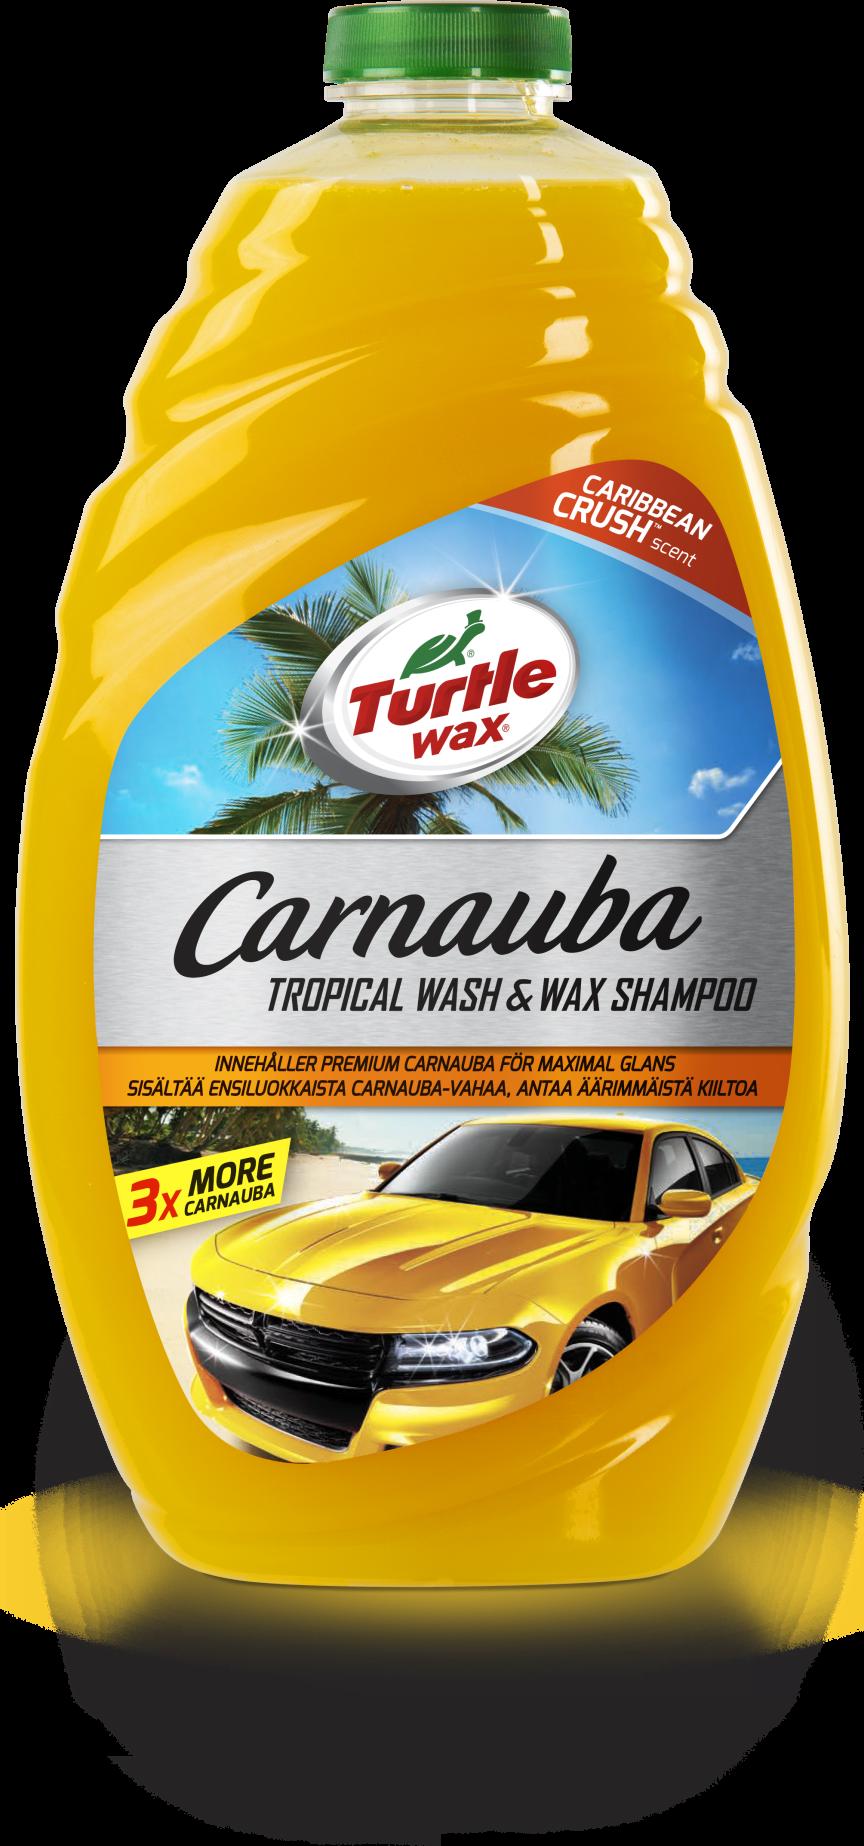 Turtle Wax Carnauba Tropical Wash & Wax Shampoo